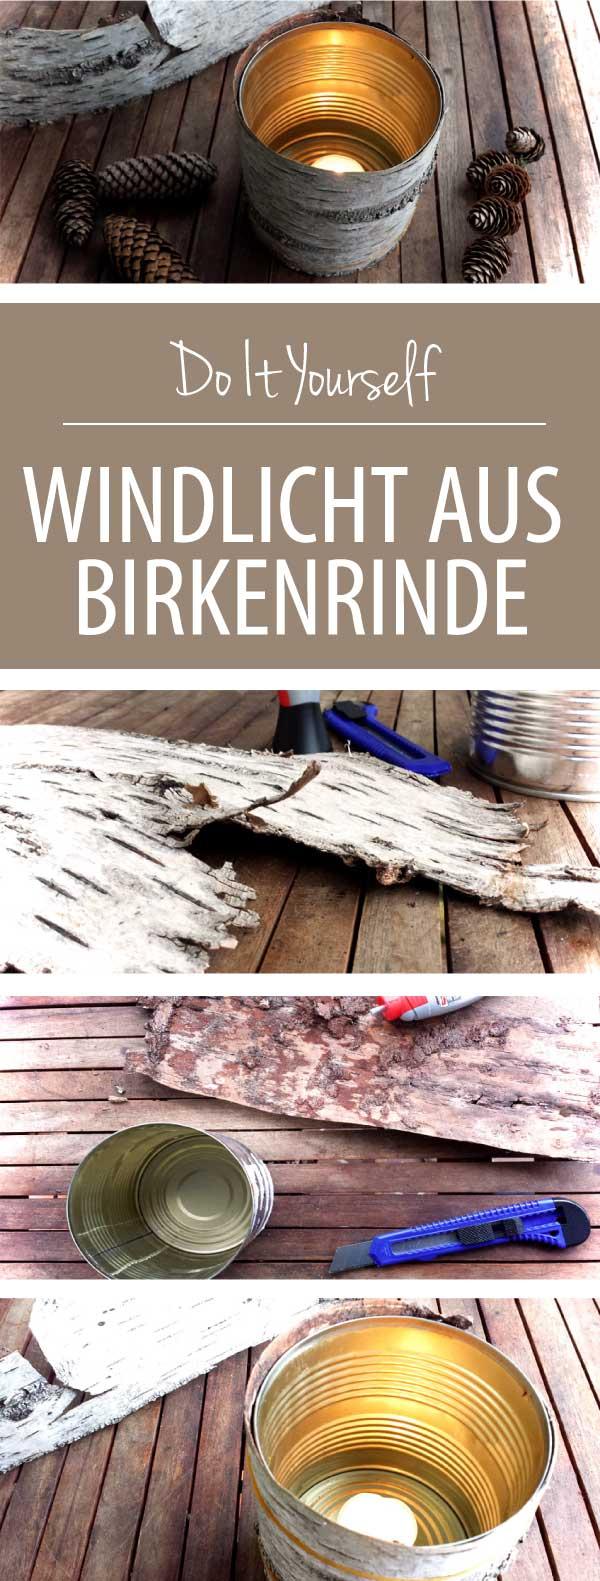 DIY Windlicht aus Birkenrinde